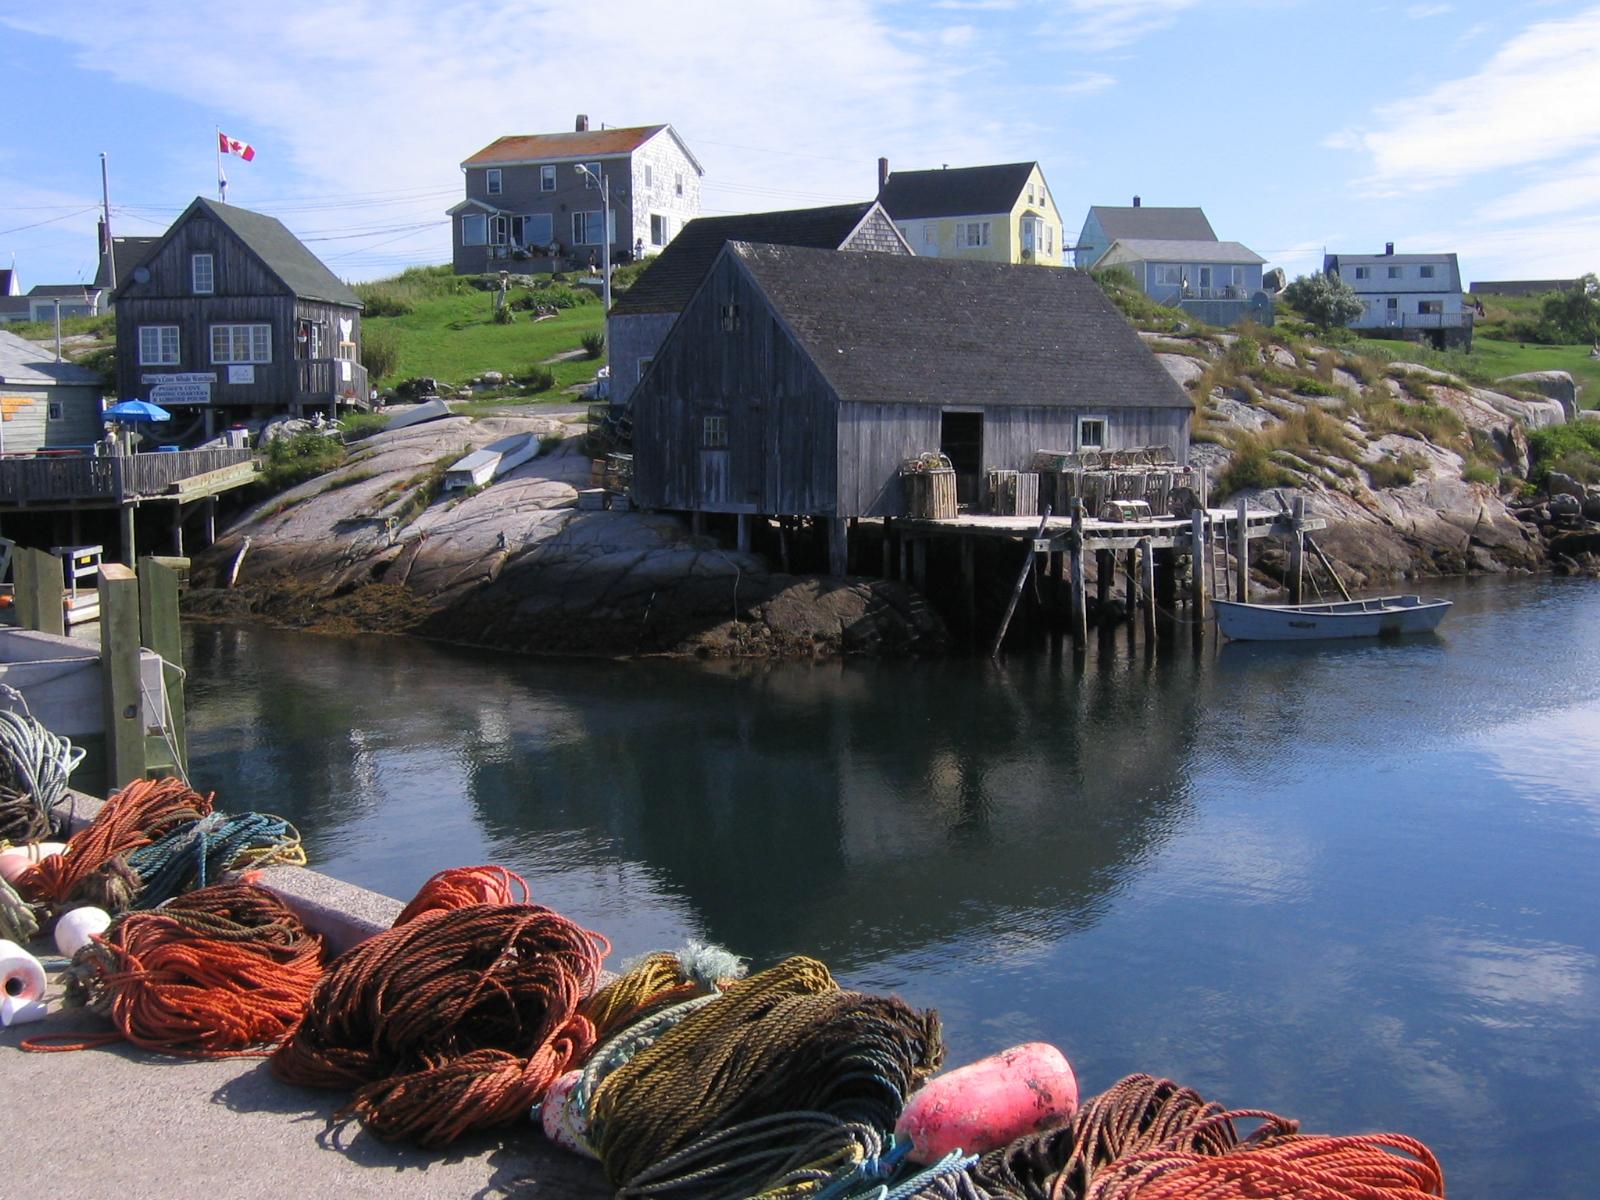 http://3.bp.blogspot.com/-dQ33vuf-Jcw/Td5dzujiHhI/AAAAAAAABQQ/c0LZgMyyqxI/s1600/Nova+Scotia.jpg